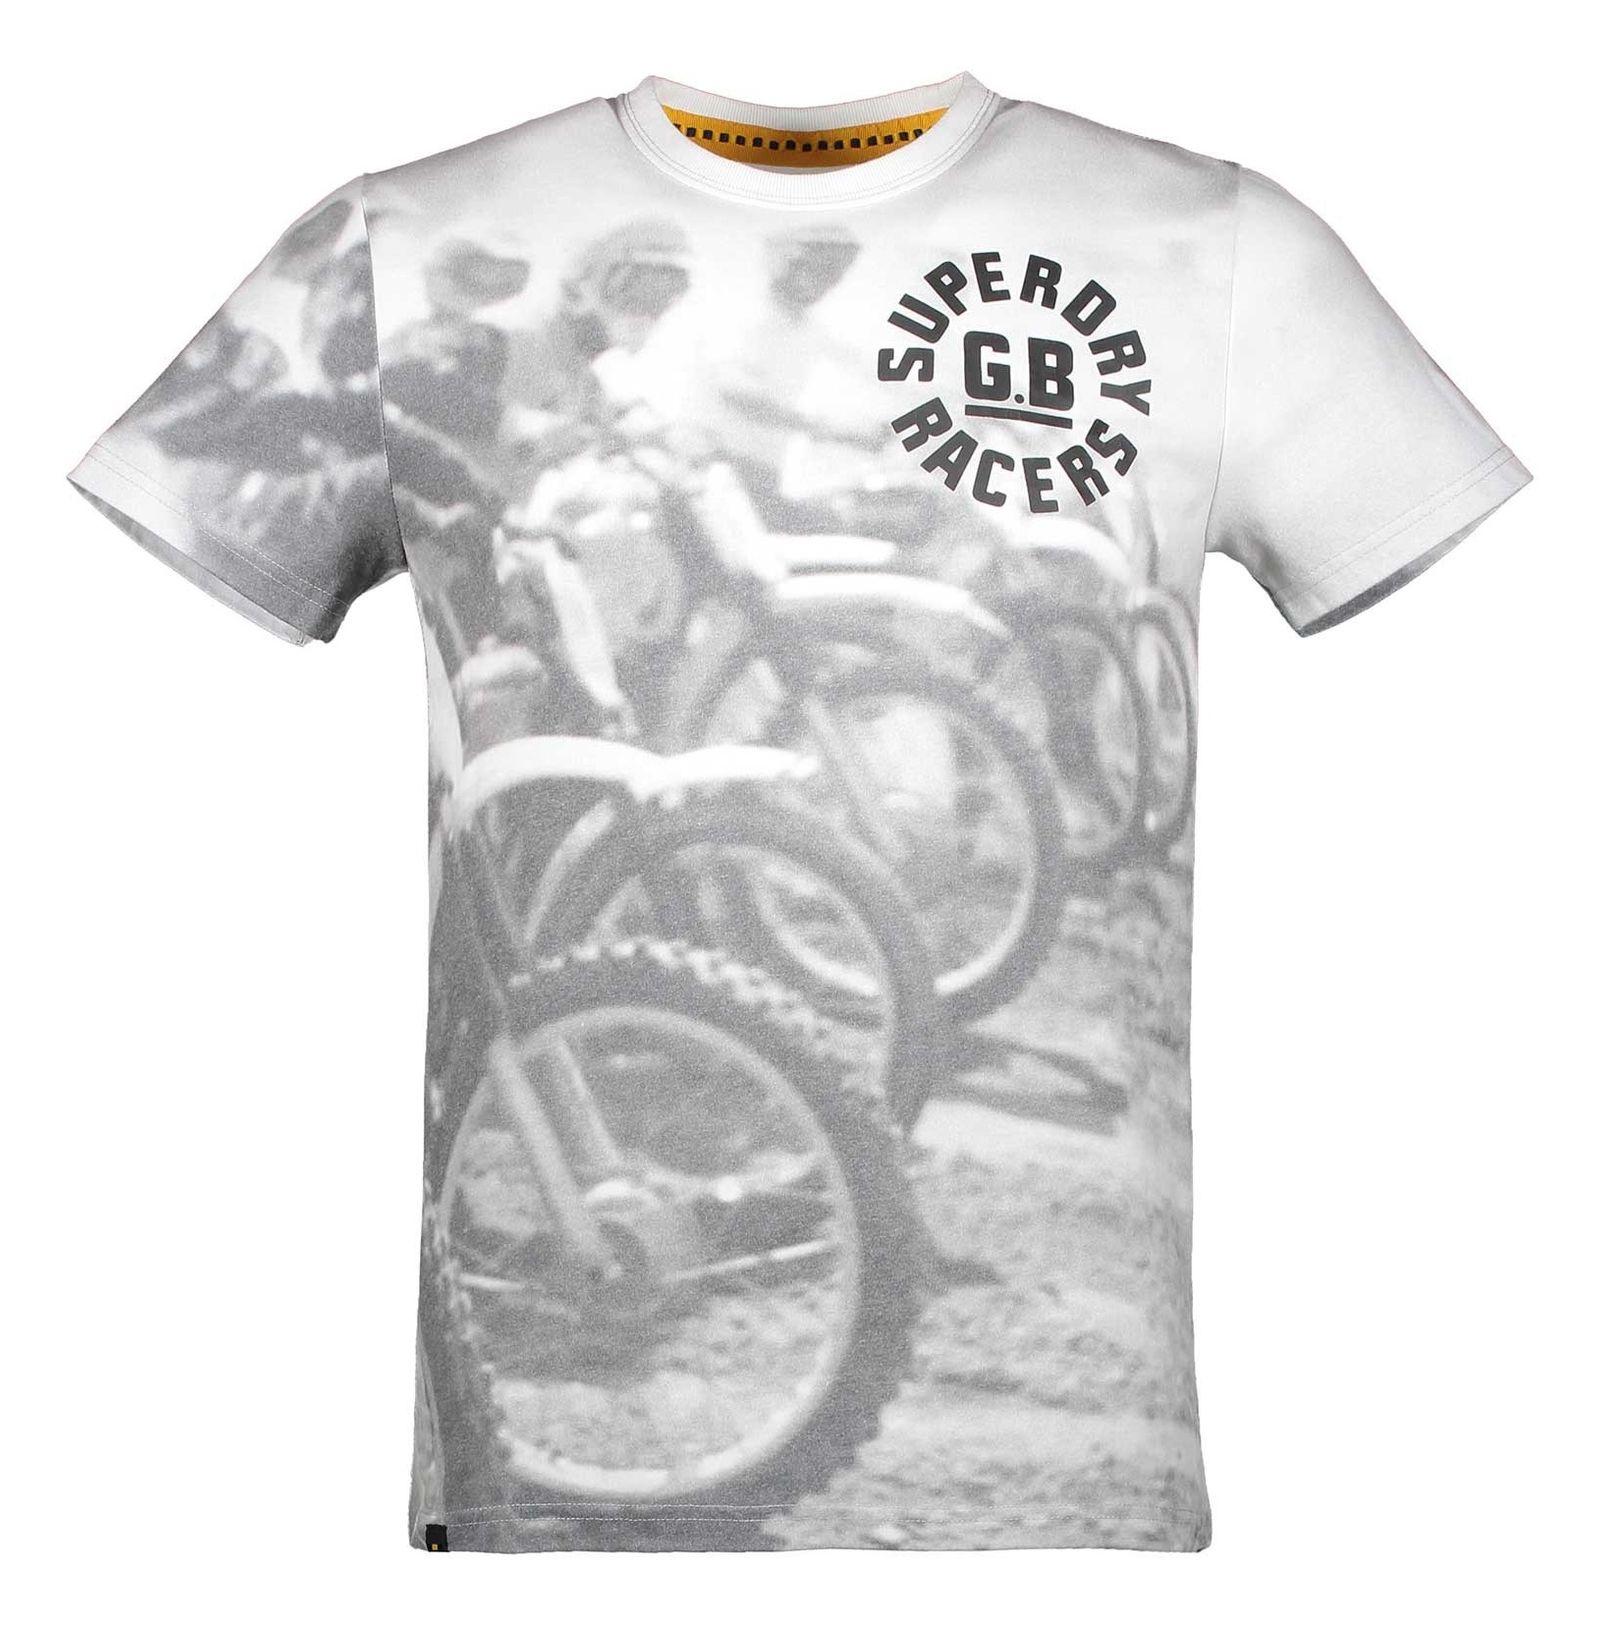 تی شرت یقه گرد مردانه - سوپردرای - طوسي تيره - 1